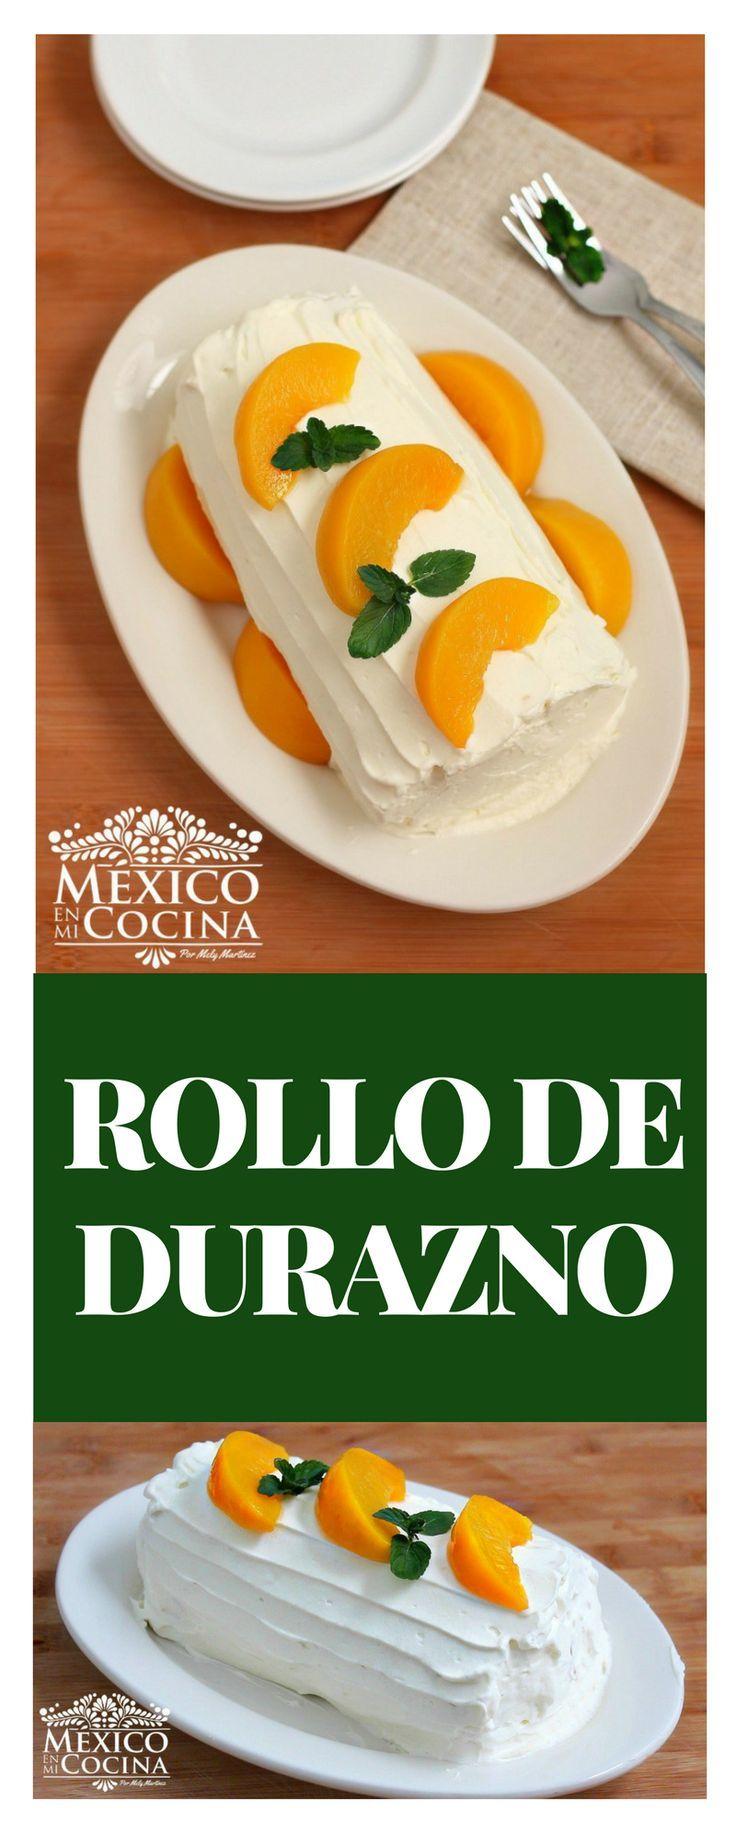 Este tipo de pastel enrollado, también conocido como niño envuelto o brazo Gitano, es muy popular en mi tierra natal.Puedes preparar este rico postre con diferentes tipos de frutas para su relleno, como mangos o duraznos de lata. postre #receta #durazno #saboresdemexico